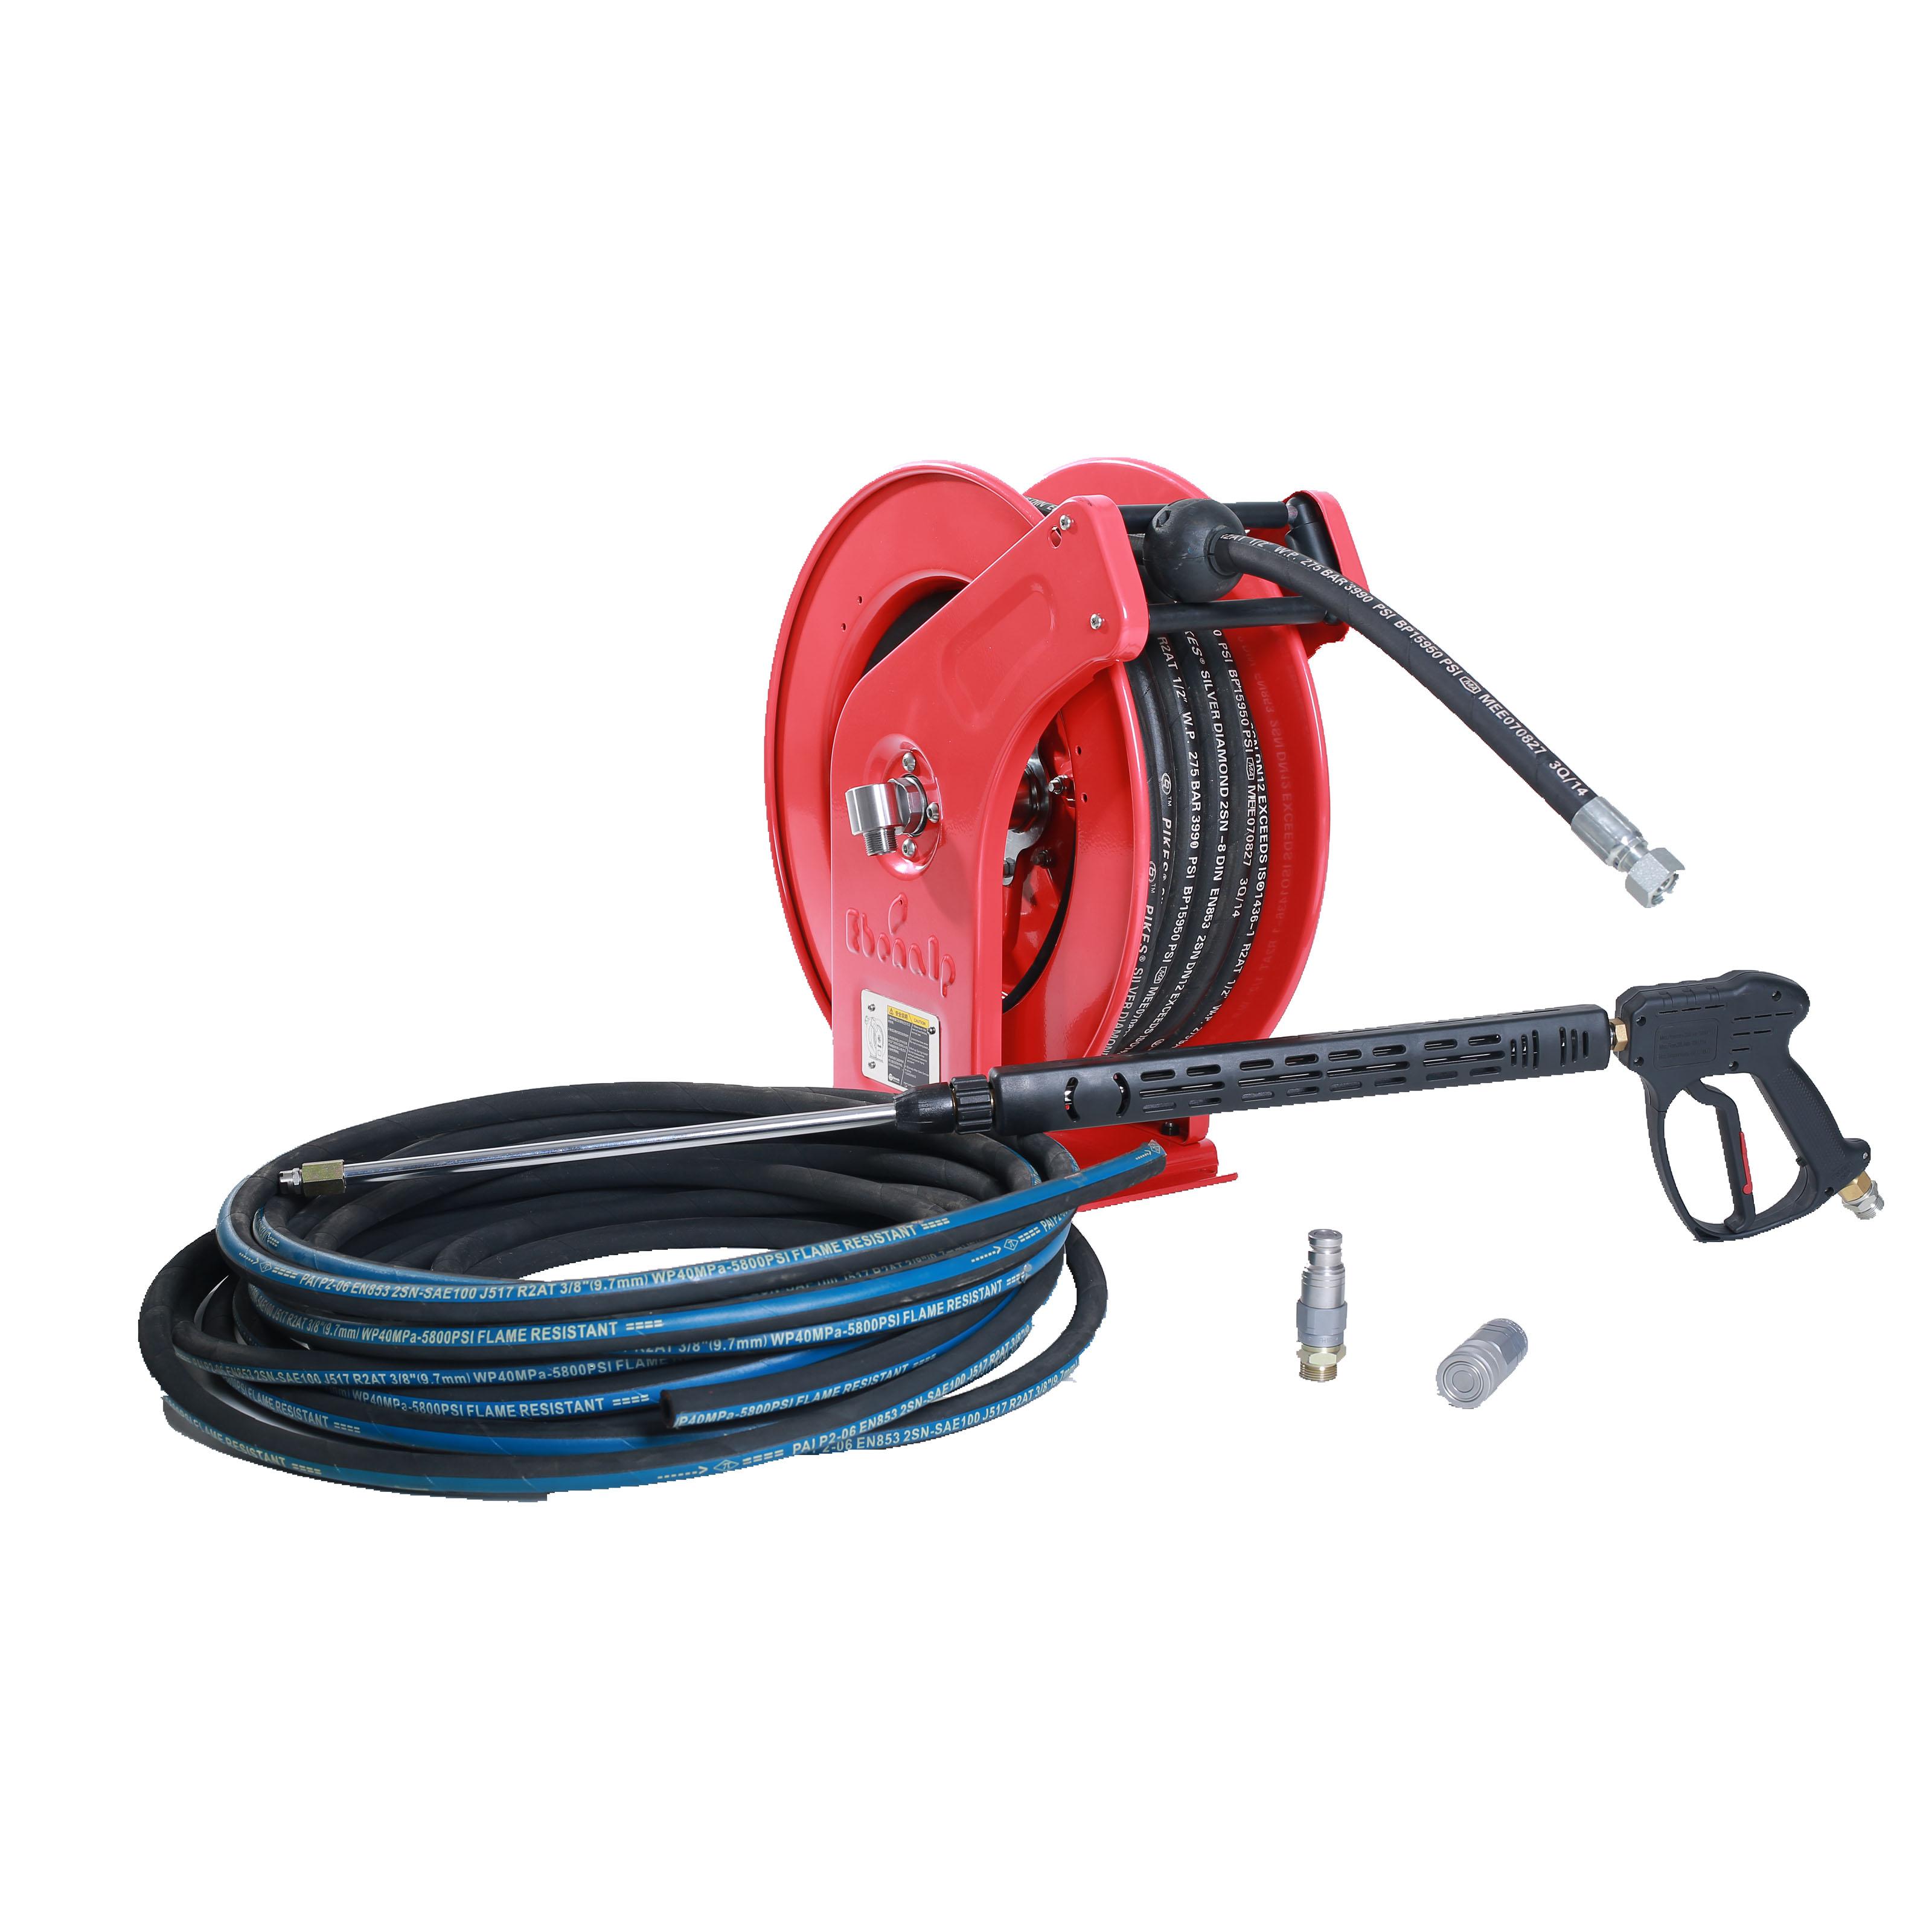 EF460系列消防自动回收卷管器 高压气体灭火卷盘 高压水灭火卷盘 消防软管卷管器